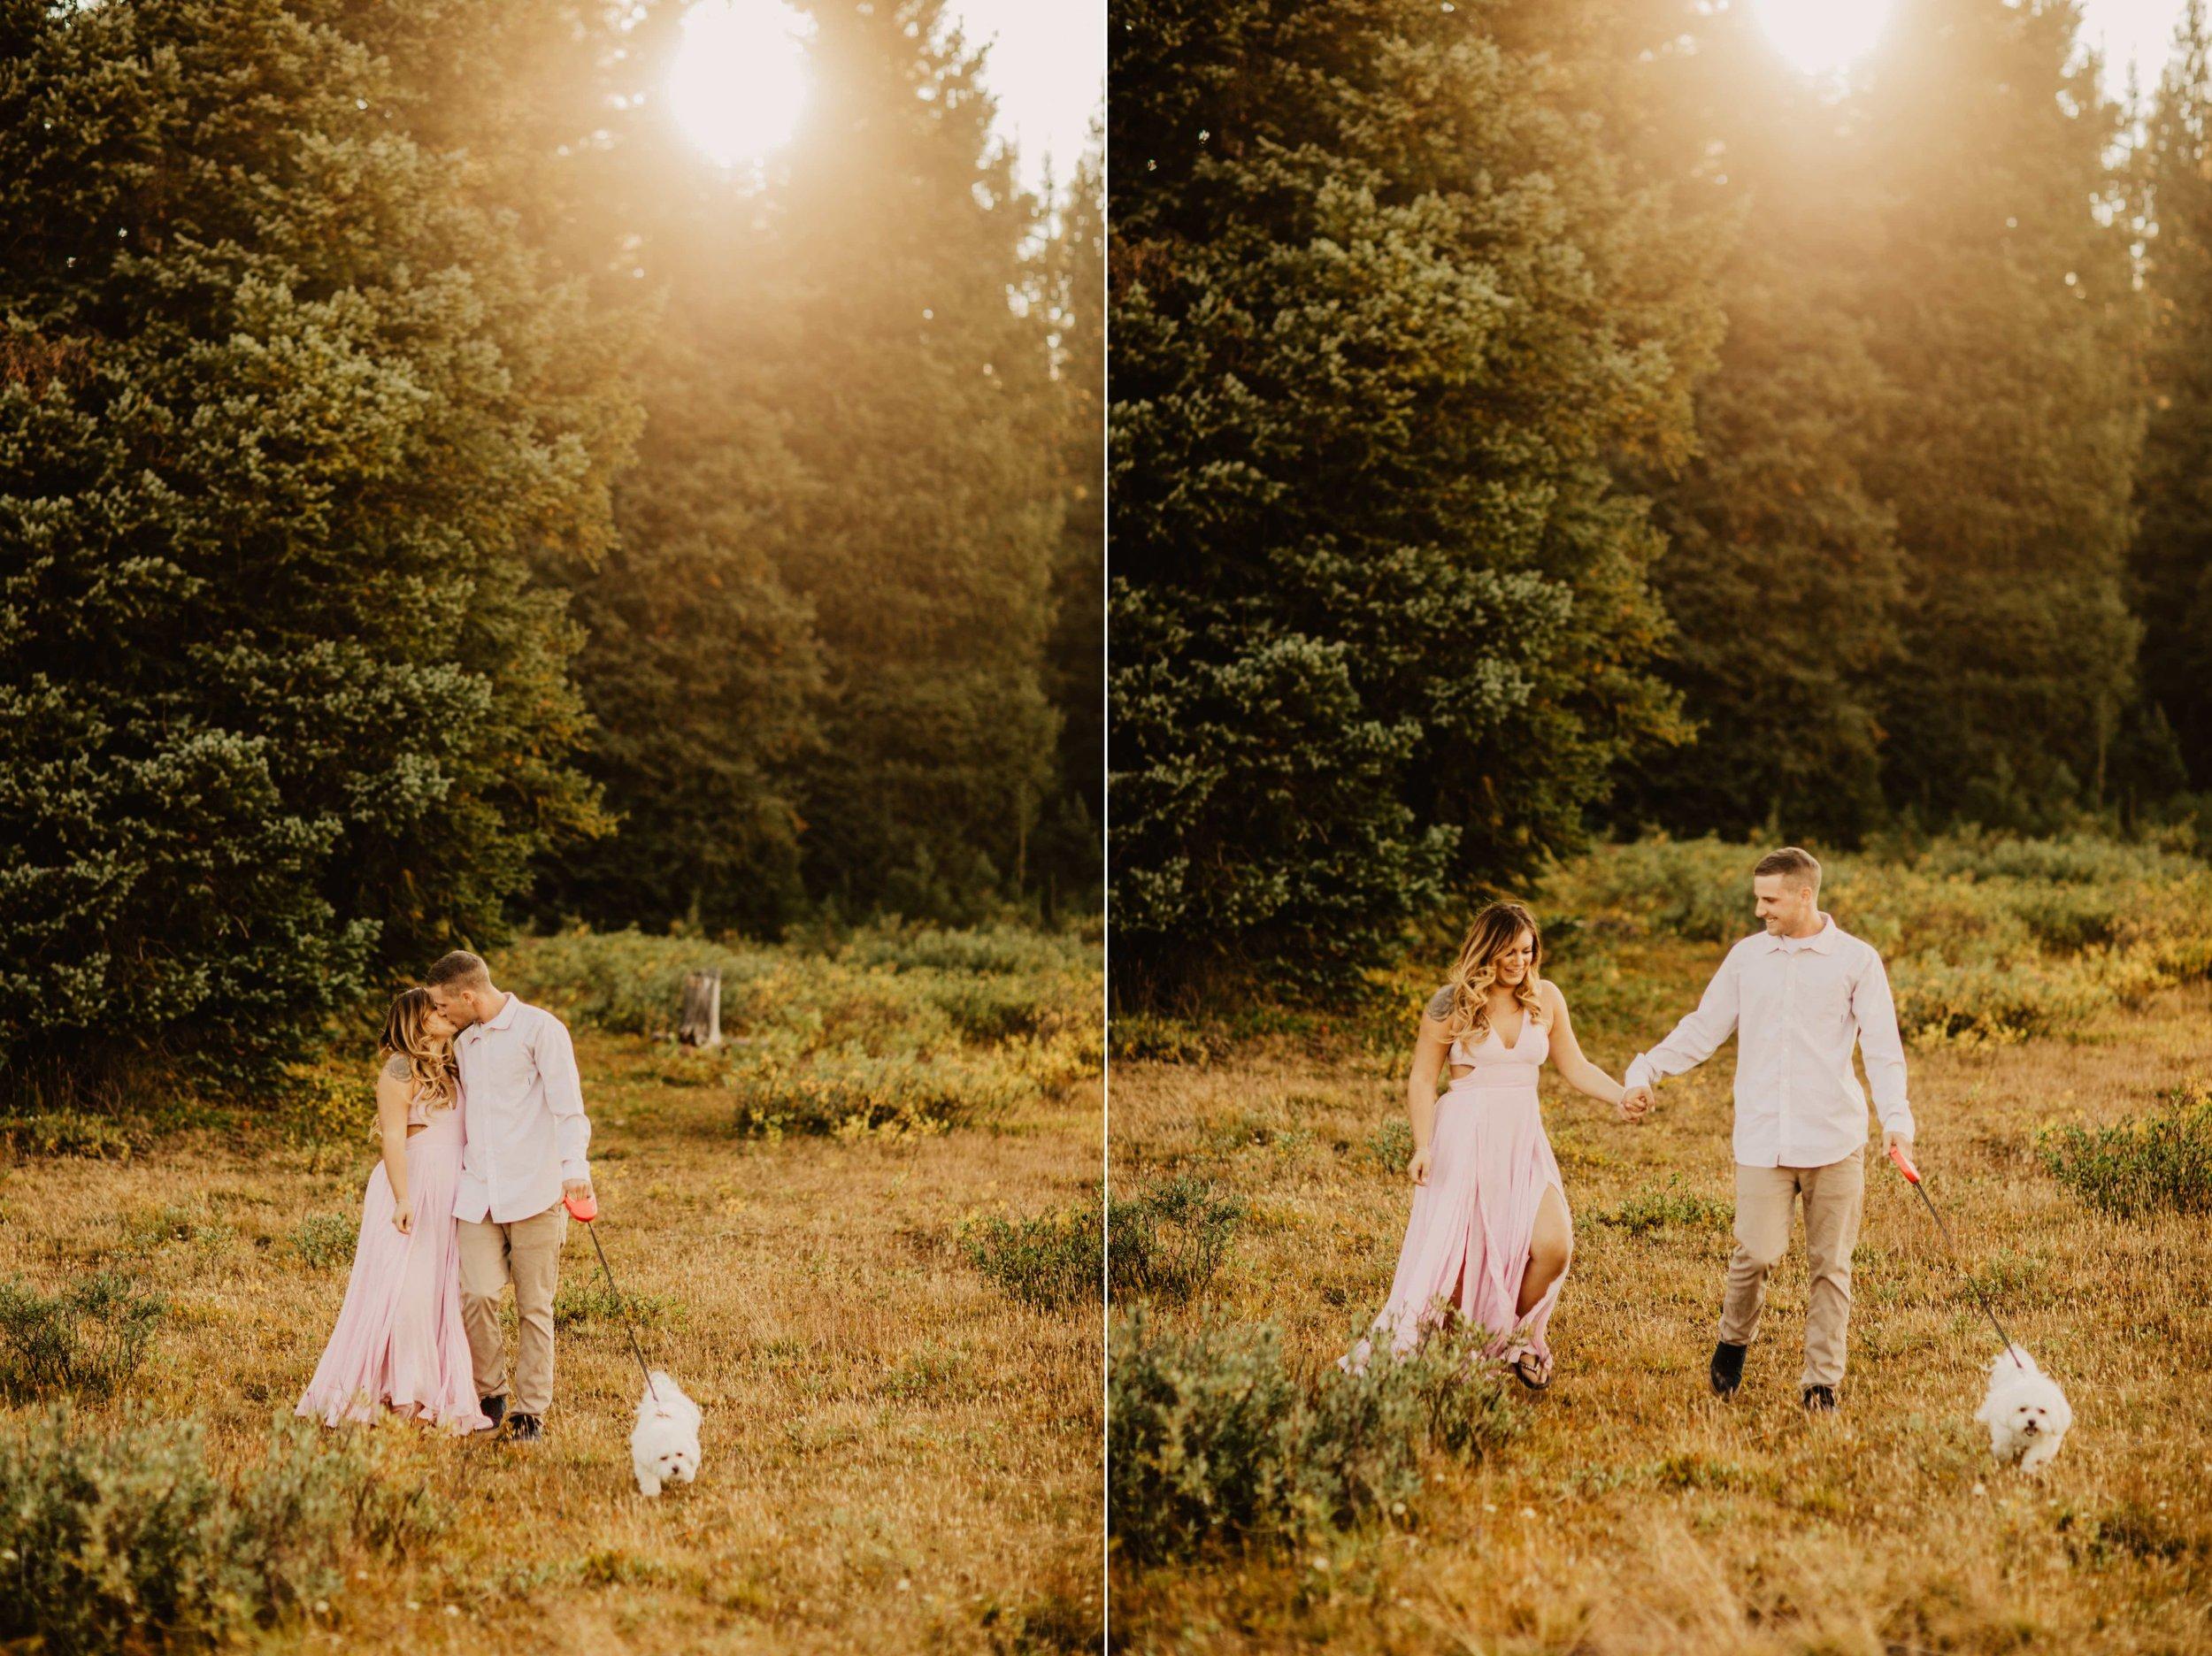 Kisa Conrad Favorites-0003-colorado-wedding-photographer-denver-springs-vail-colorado-wedding-photographer-denver-springs-vail.jpeg